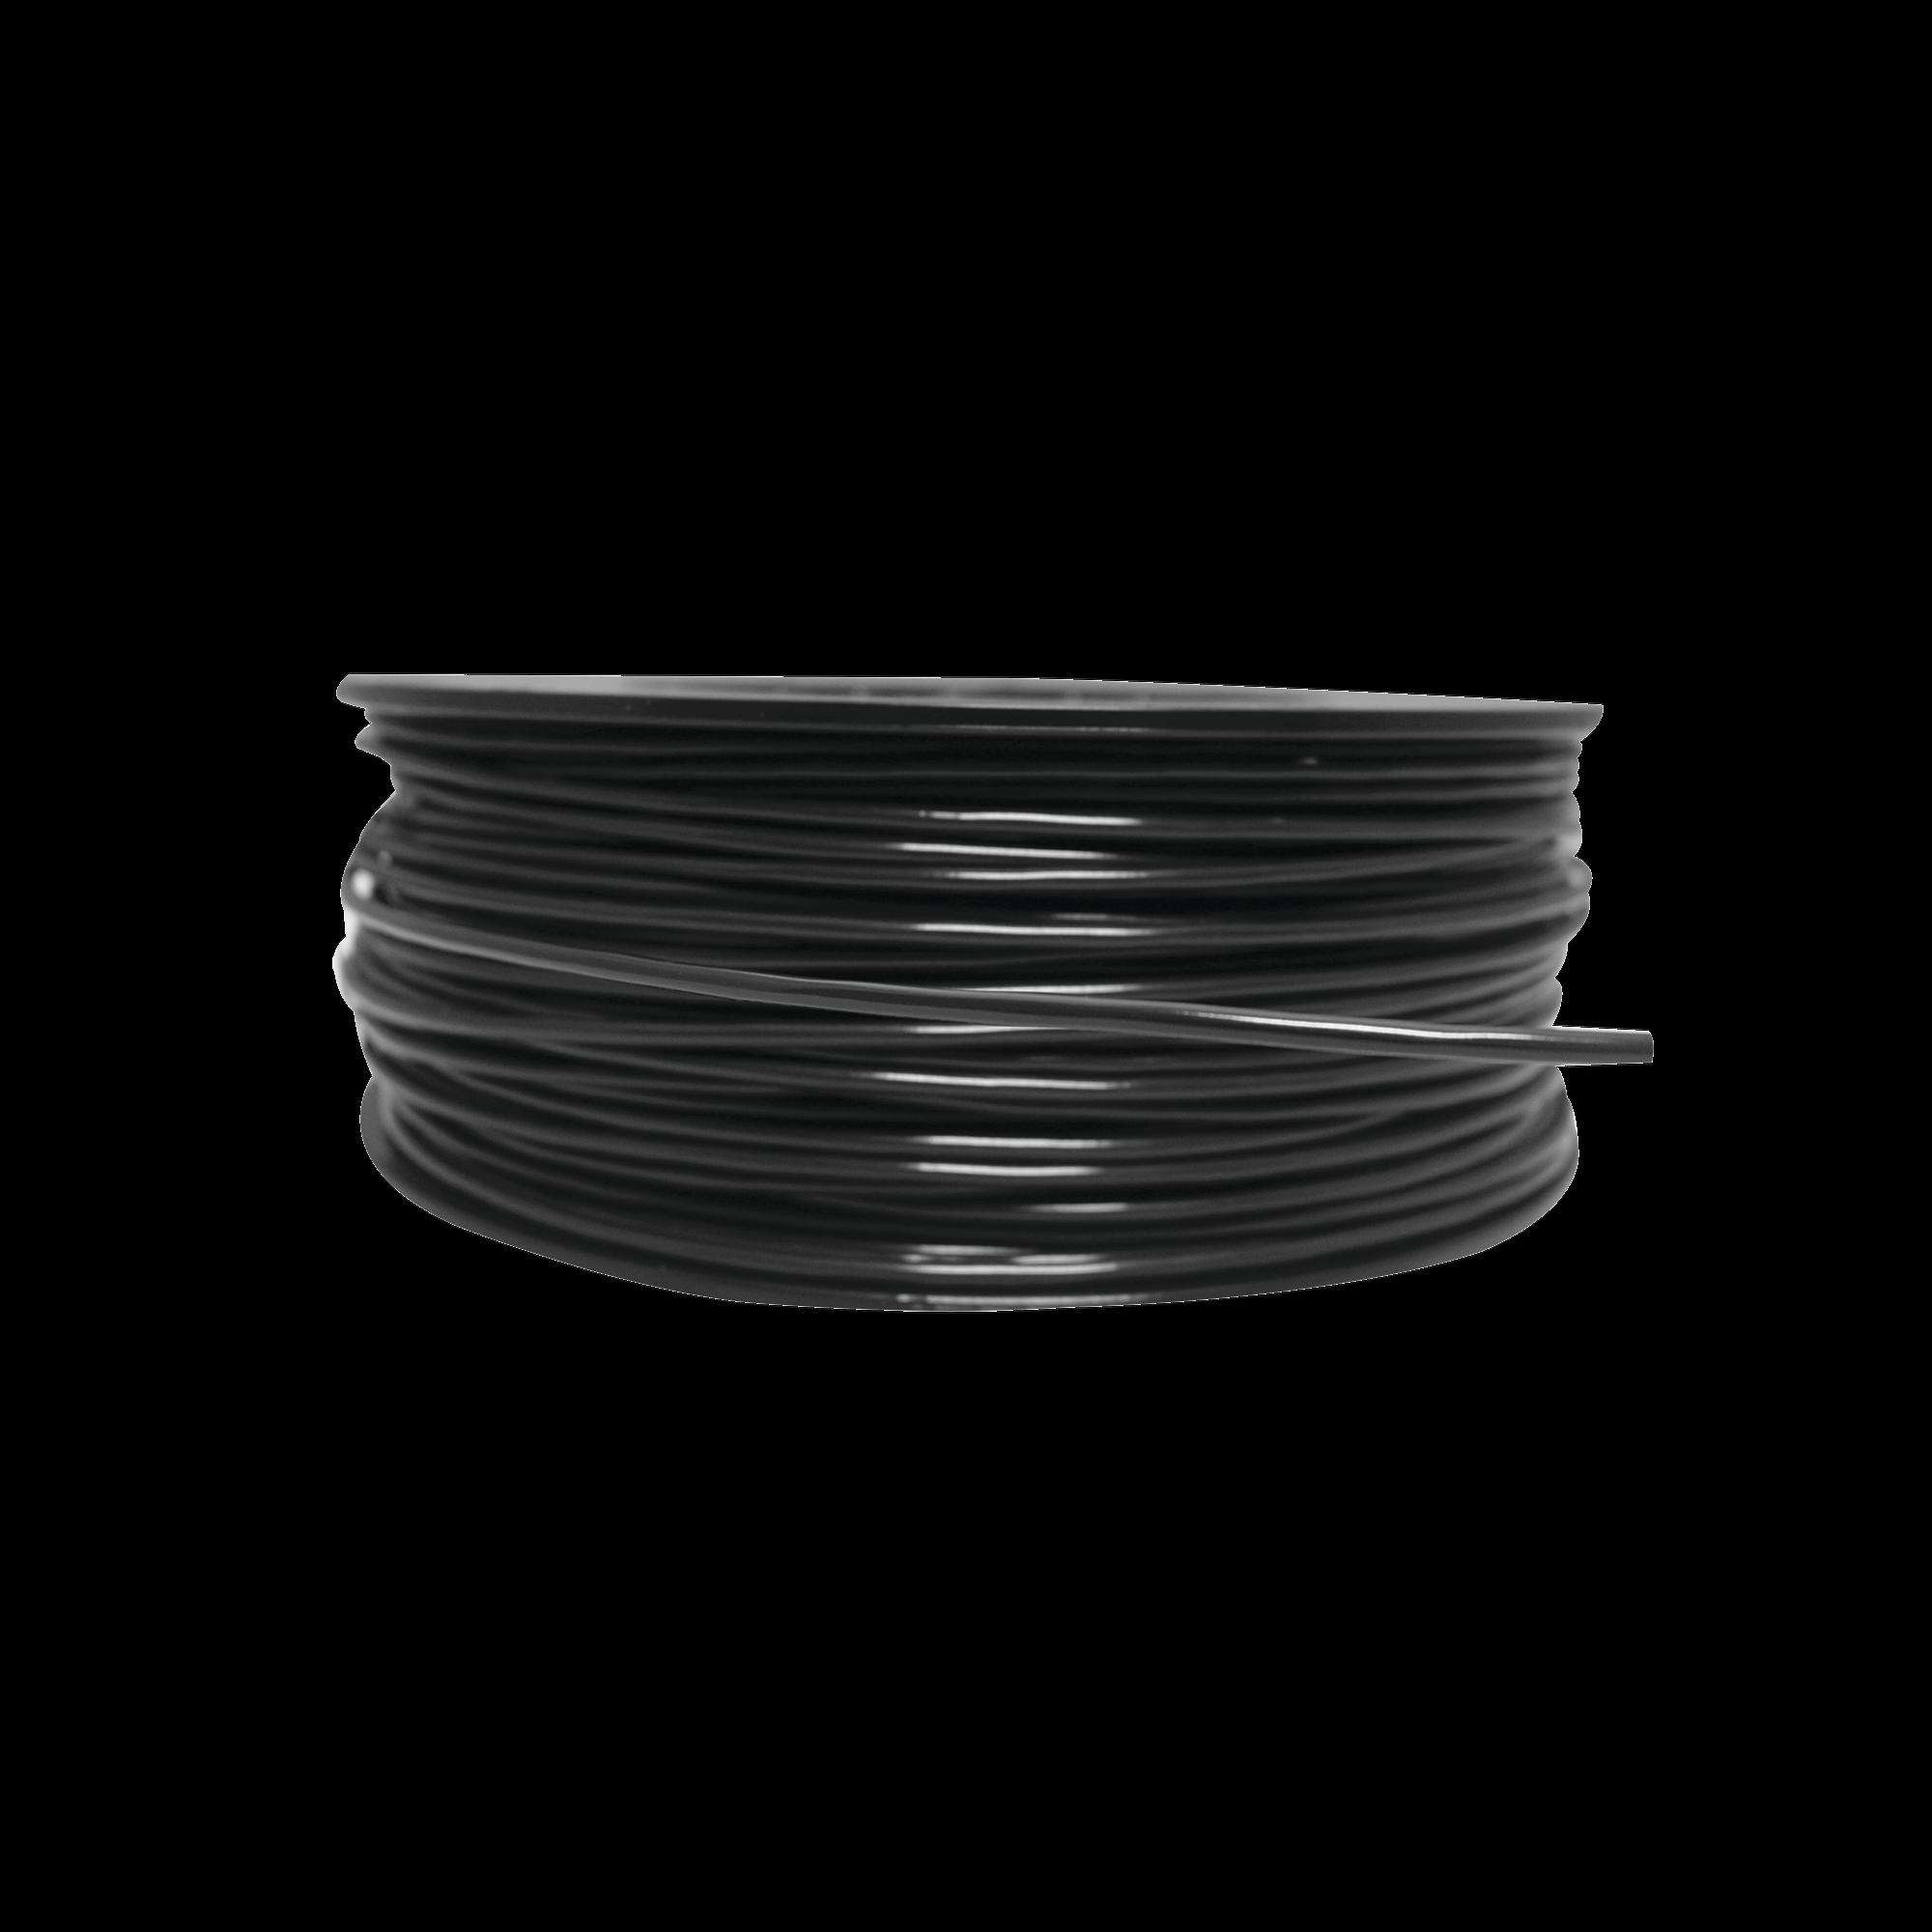 Bobina de 152 Metros de Cable Detector de Calor, Temperatura Fija 88 grados Celsius, Recubrimiento de Nylon Negro para Aplicaciones en Exterior, con Guía Acerada